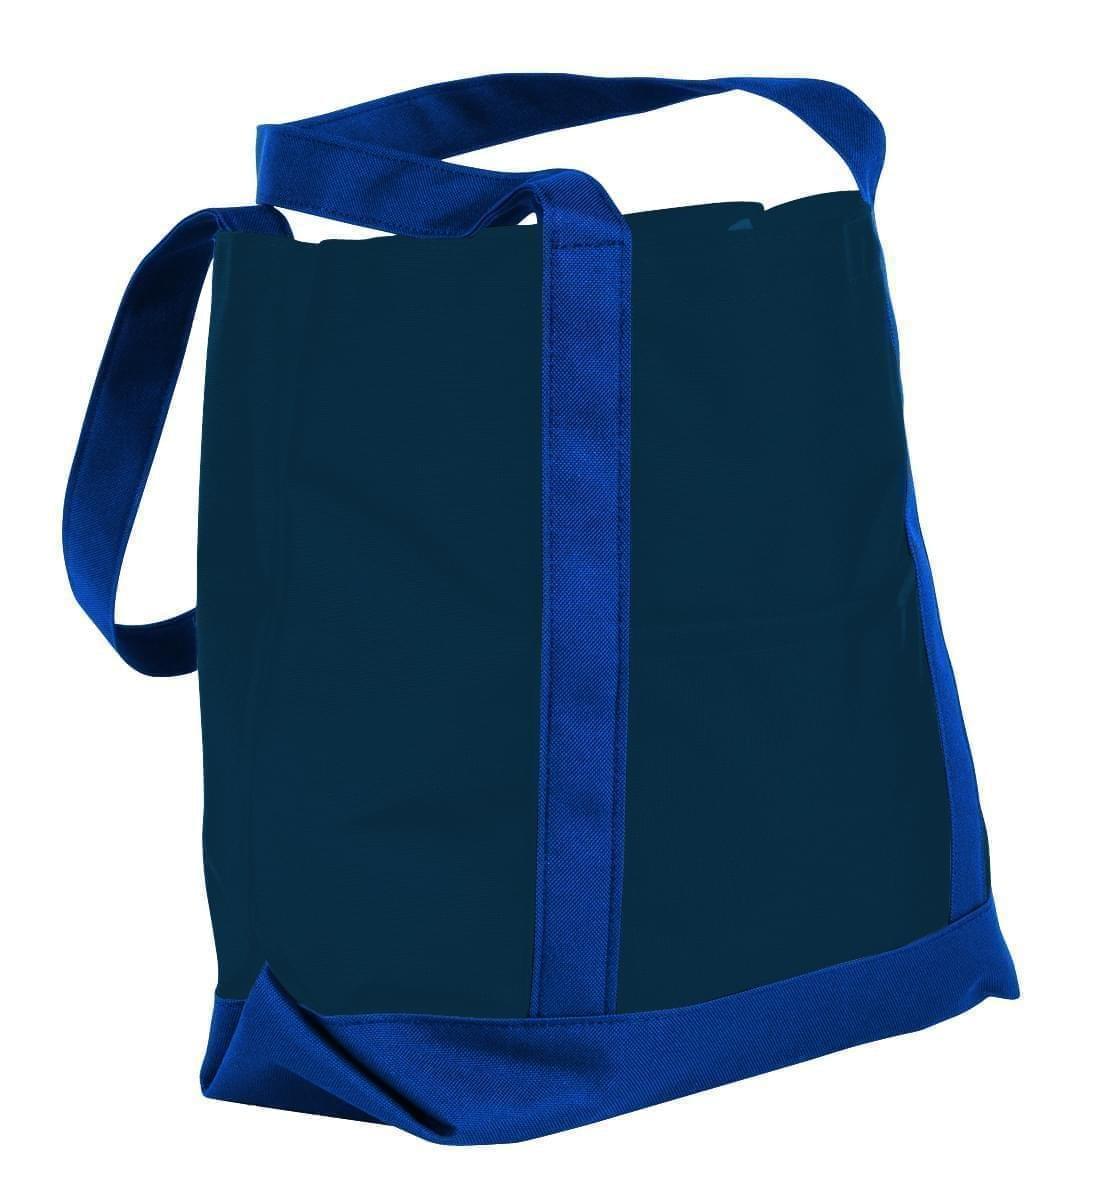 USA Made Canvas Fashion Tote Bags, Navy-Royal Blue, XAACL1UACM